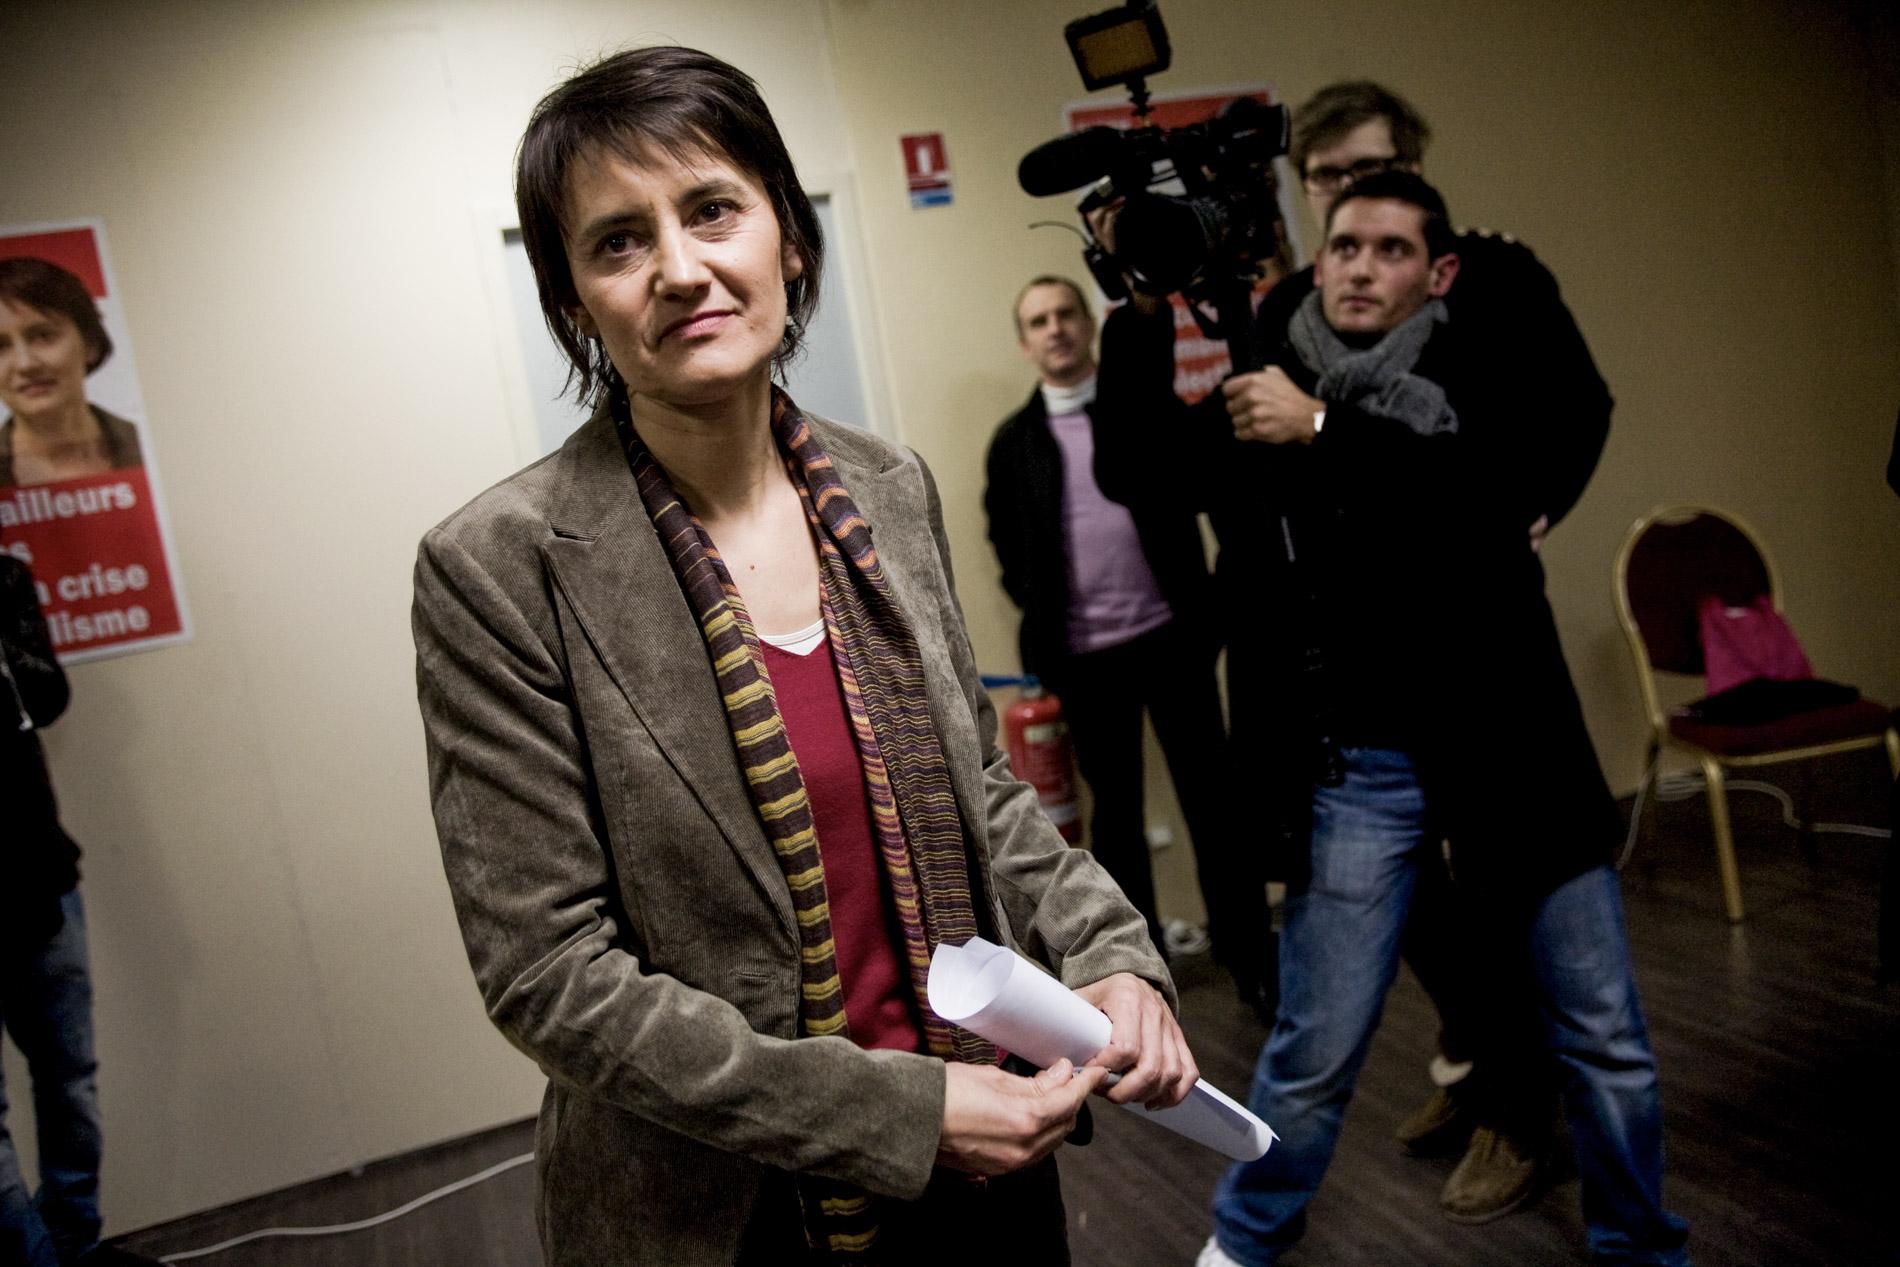 Nathalie Arthaud, porte parole de Lutte Ouvriere, le 3 février 2012.